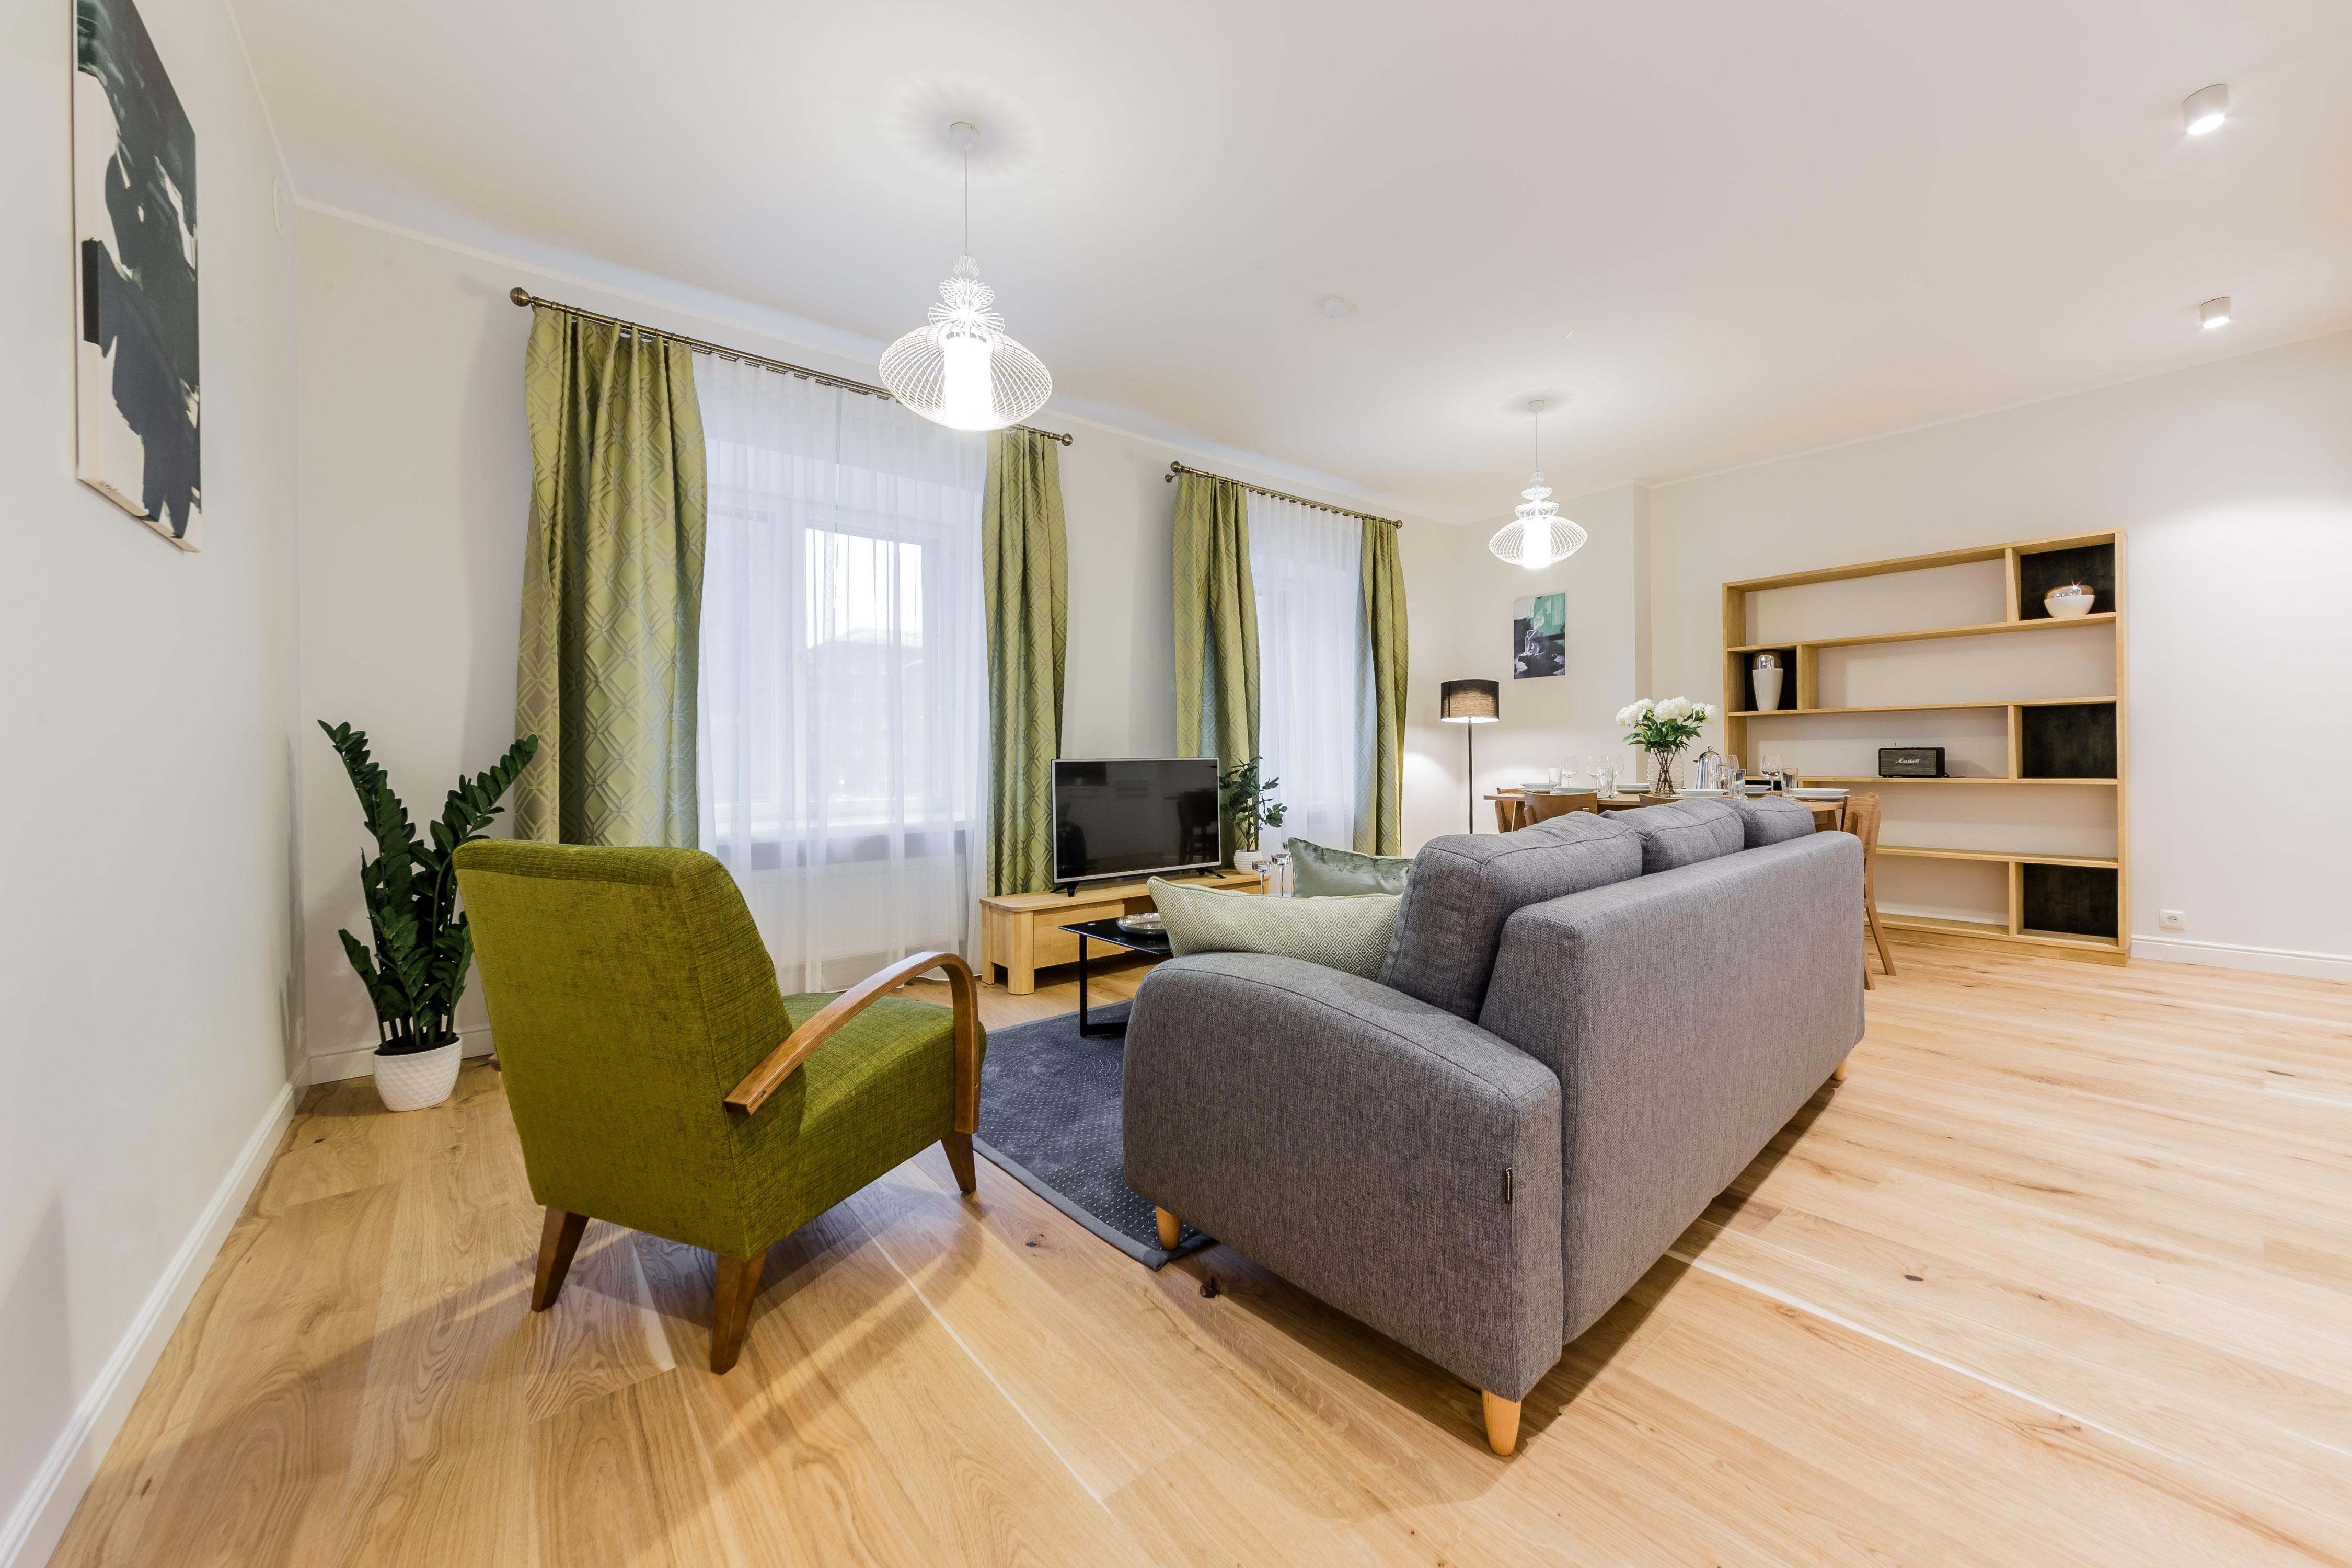 1c91680f619 ... kangas, värv, erinevad paigaldamise võimalused jne. Lisaks soovid sa  tõenäoliselt aknakatteid, mis sinu kodu või tööruumide sisustusega ka  ideaalselt ...